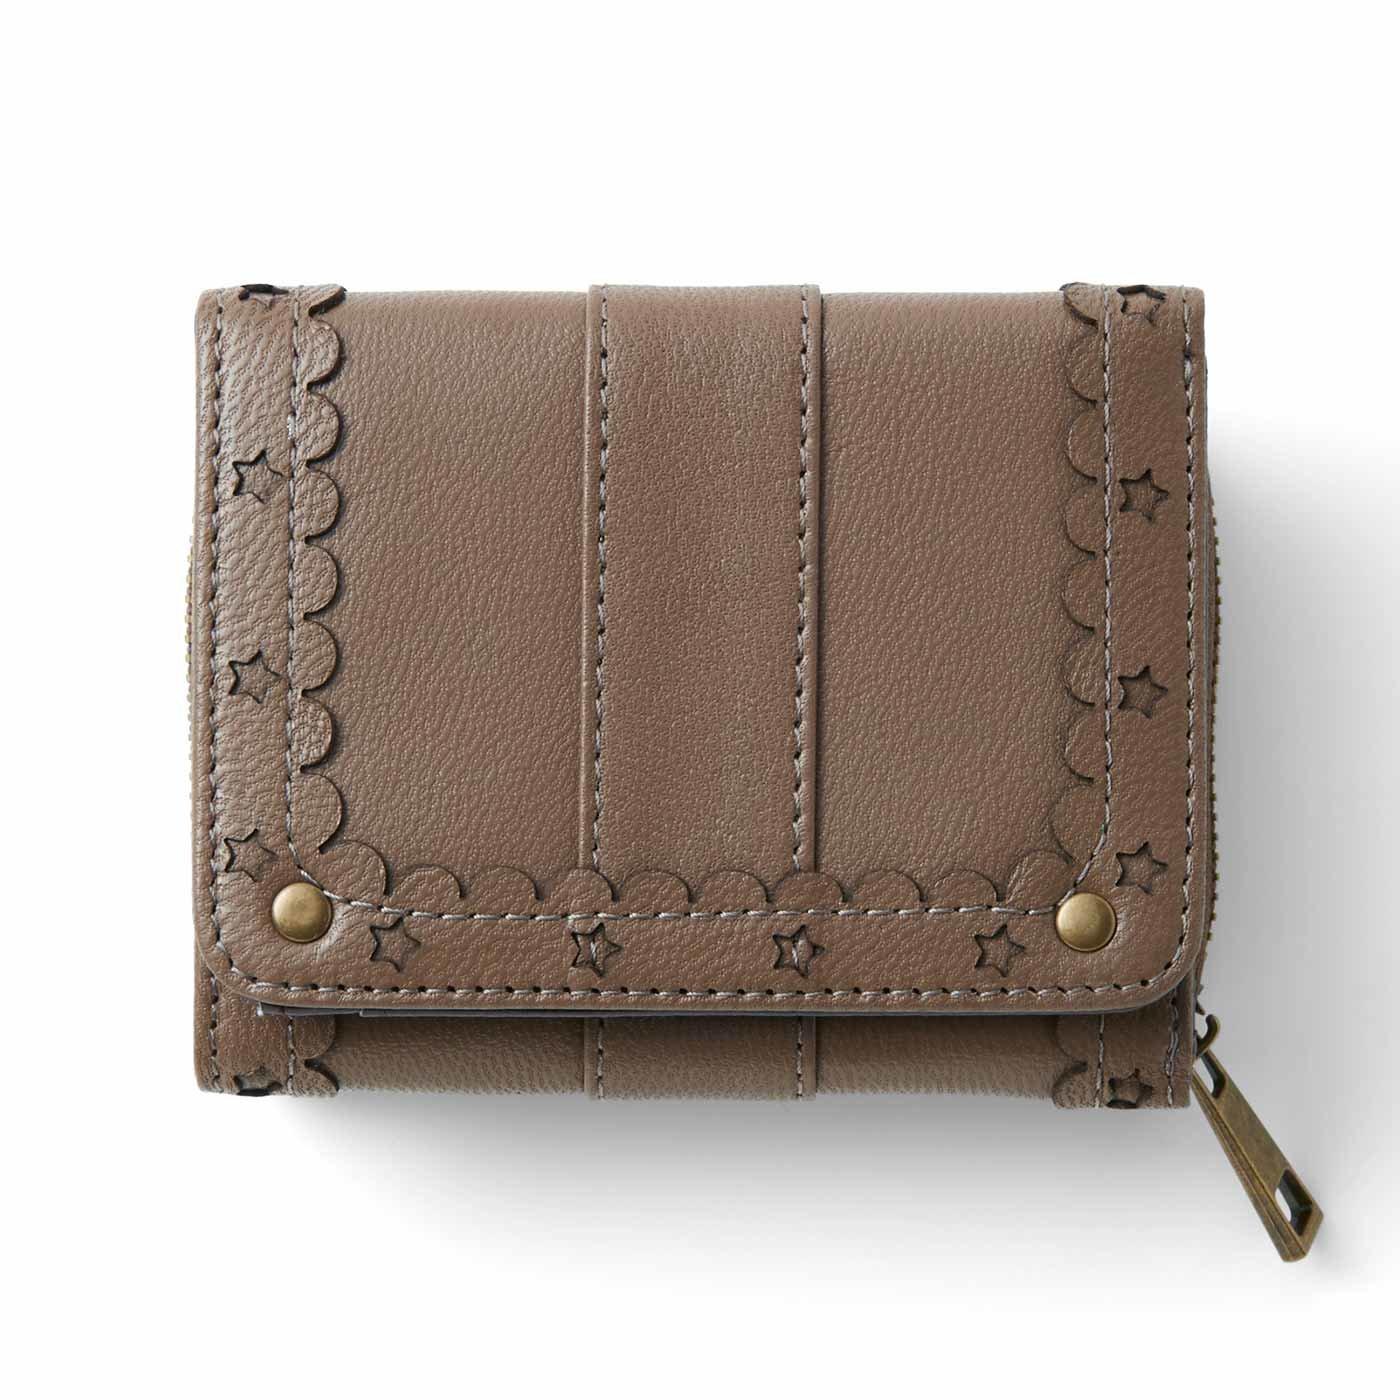 リブ イン コンフォート はまじとコラボ ずっと使いたい とっておきの本革ちび財布〈カフェオレベージュ〉